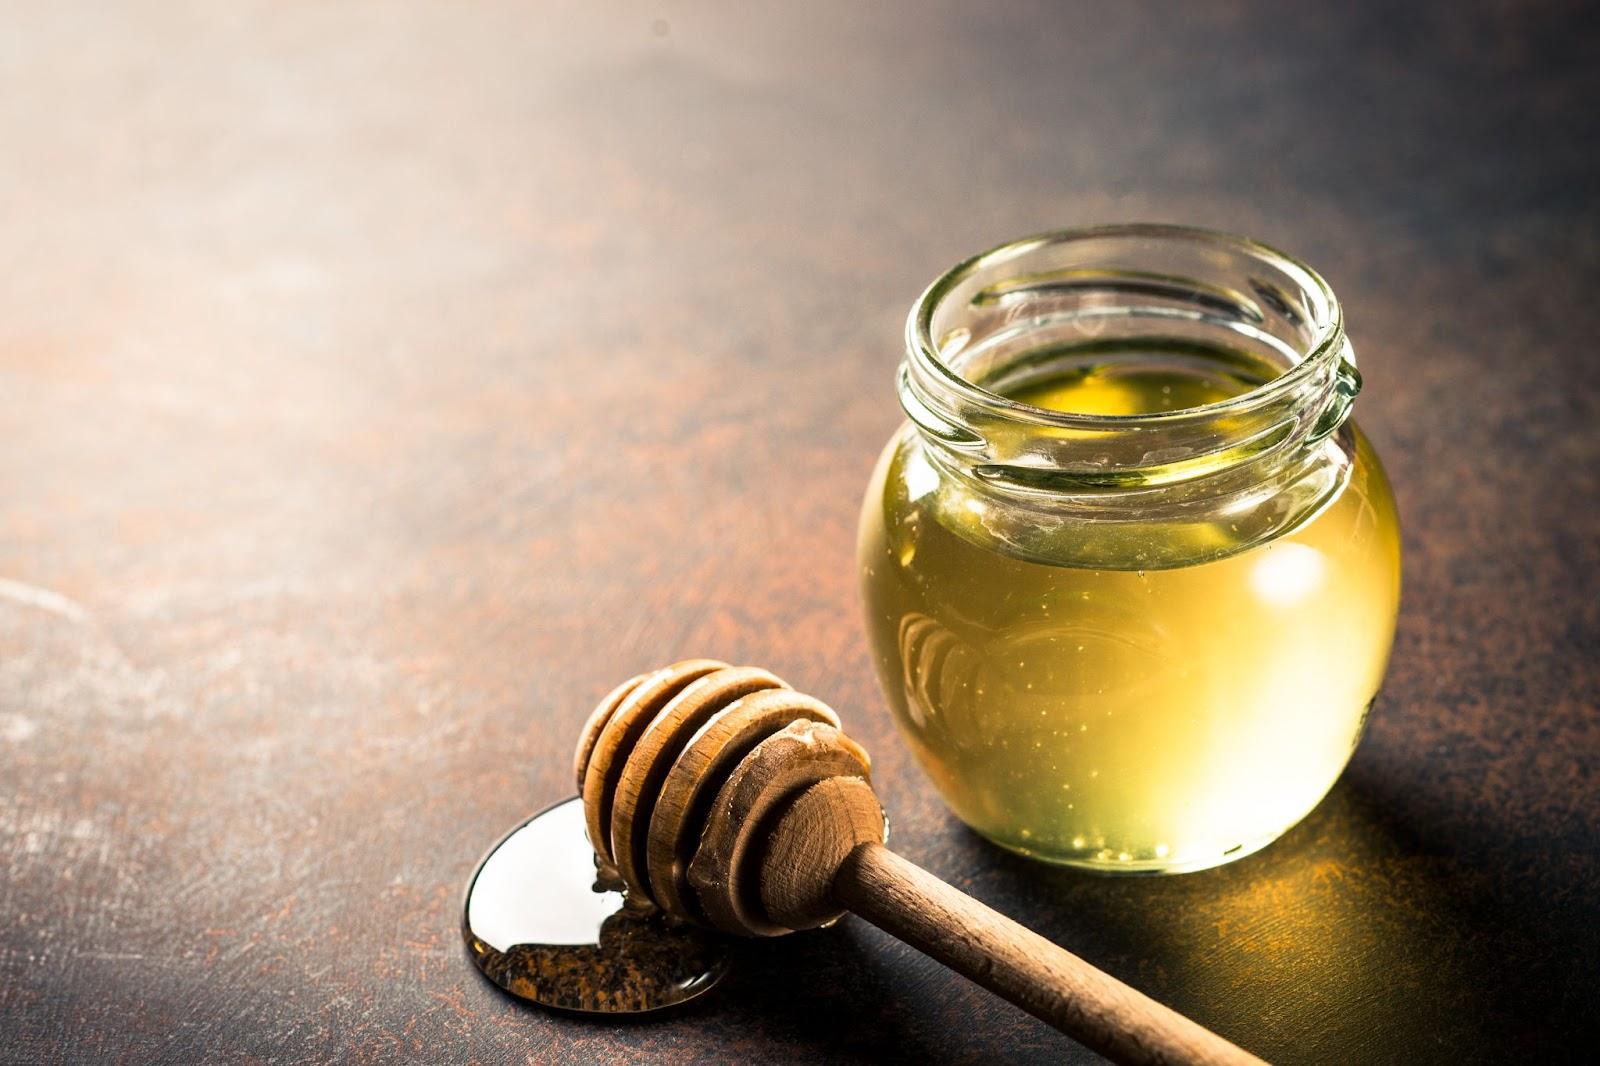 Honey for rainy season